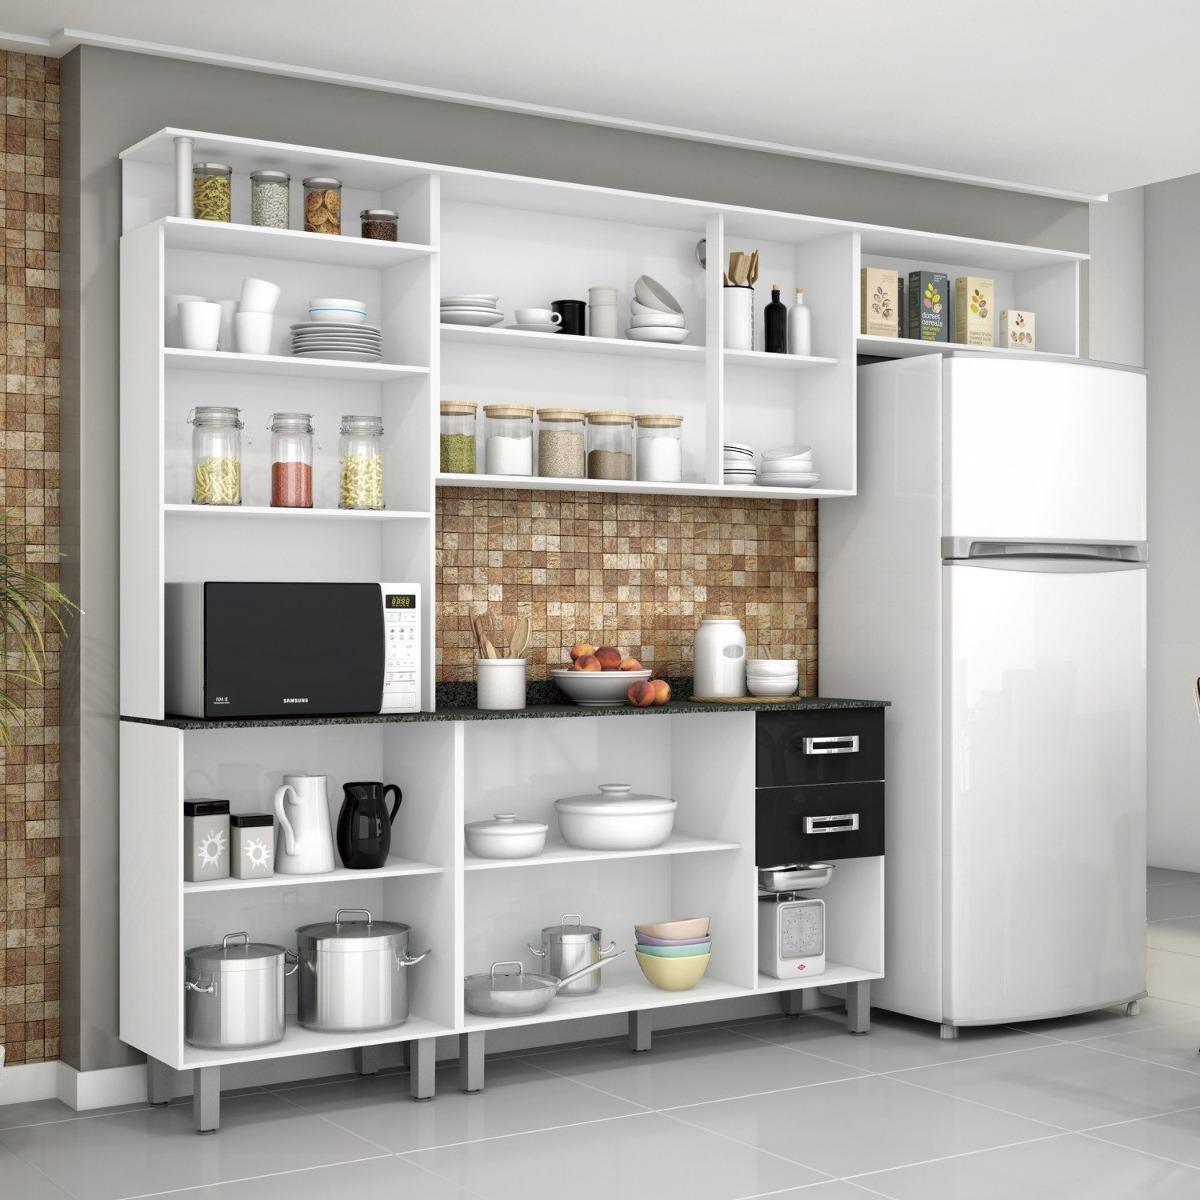 Cozinha Compacta Com Balc O E Tampo 4 Pe As Su A Fcwt R 575 90